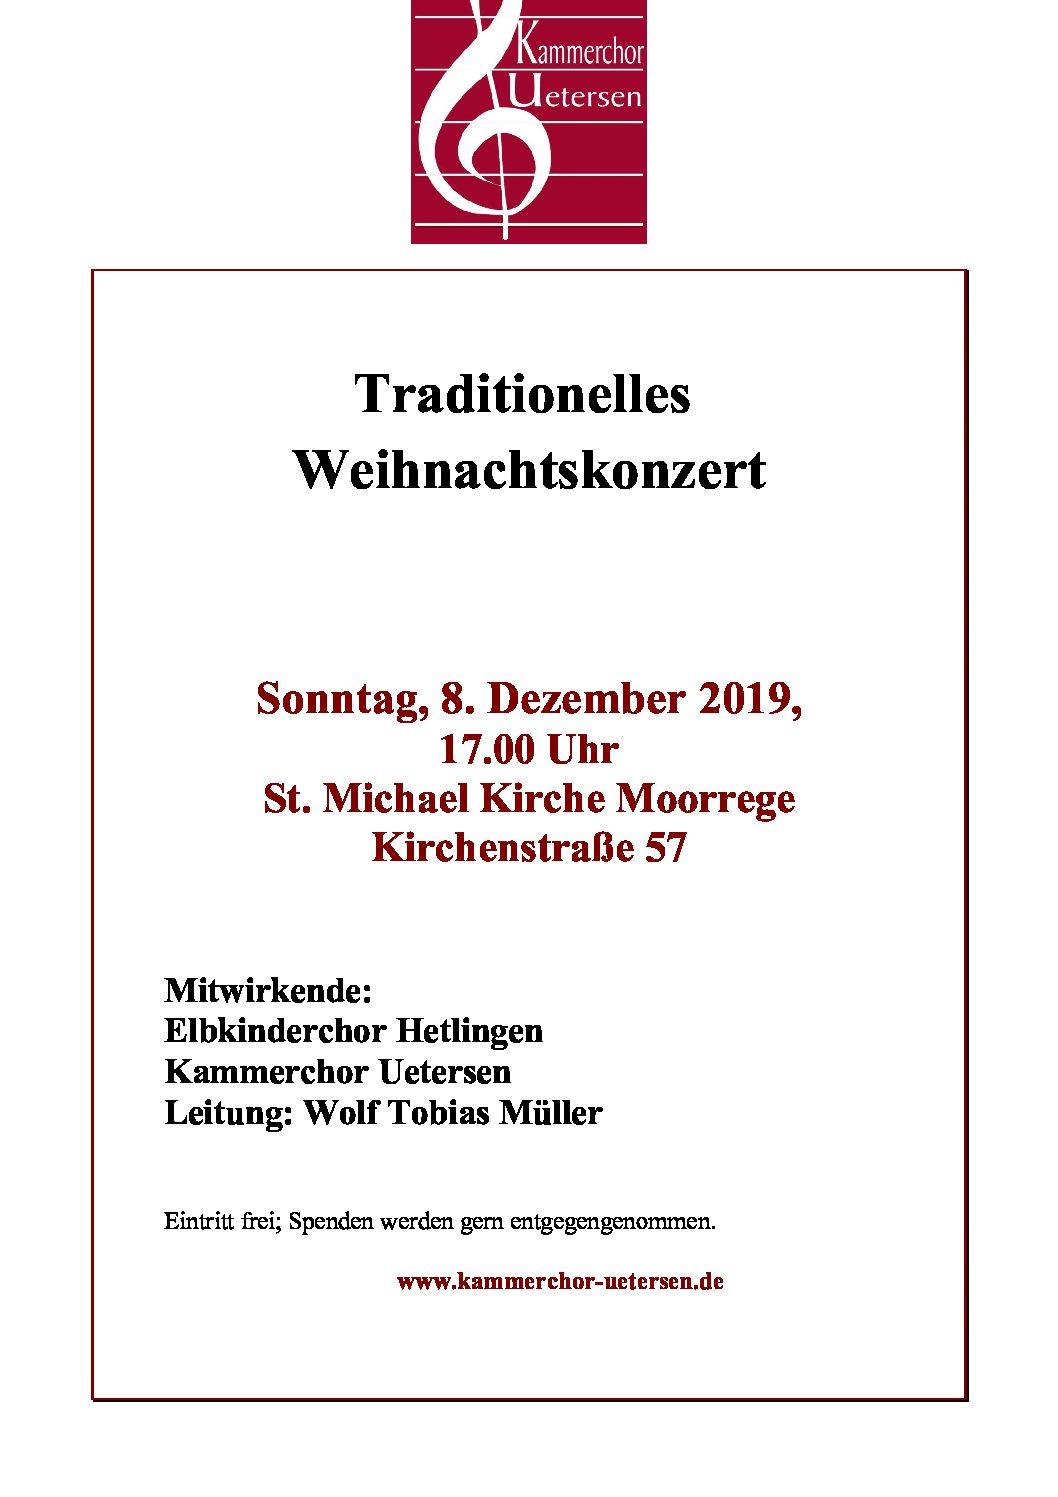 Kammerchor Plakat Weihnachtskonzert 08.12.19